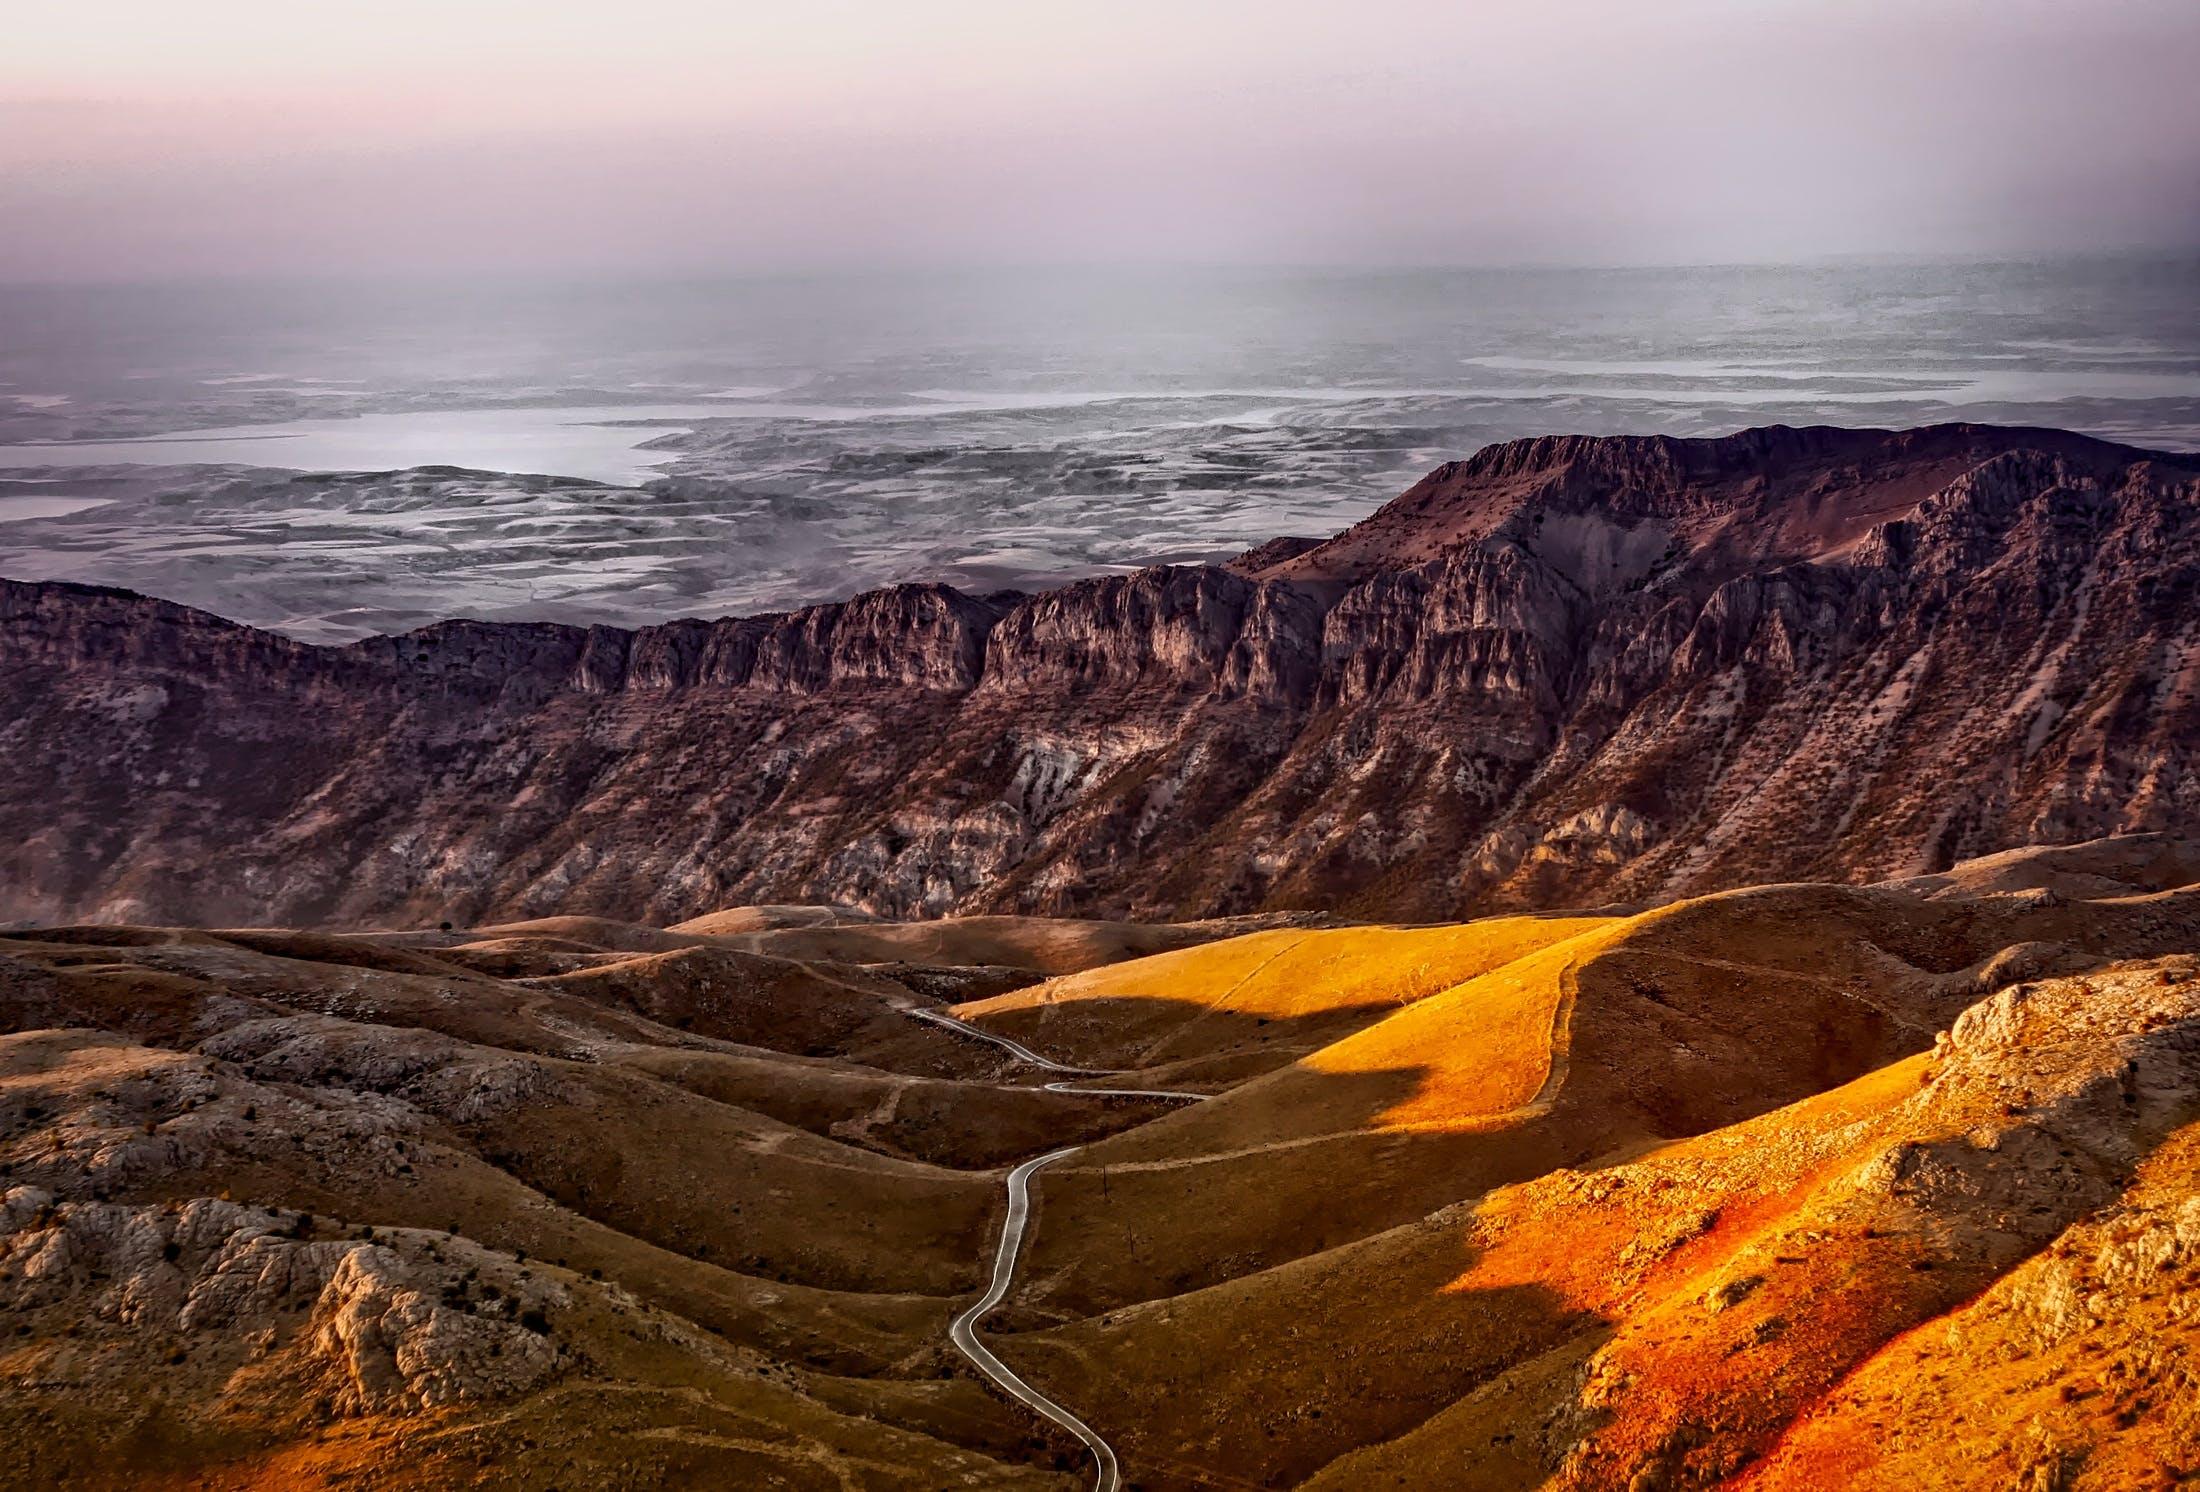 ドライ, 不毛, 乾燥, 山の無料の写真素材